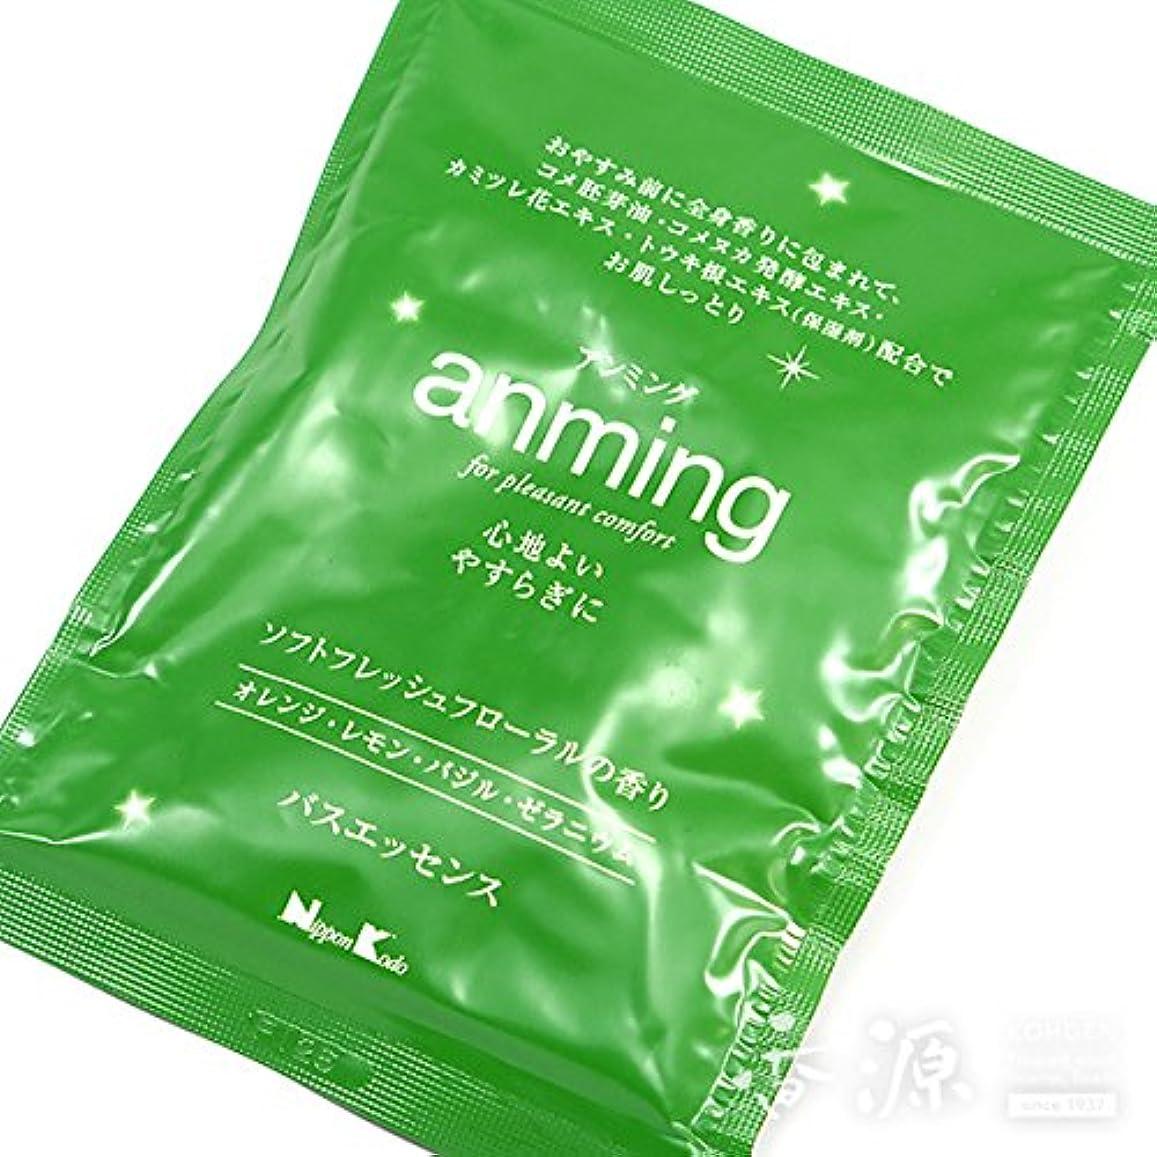 日本香堂の入浴剤 アンミング(anming)バスエッセンス ミニタイプ